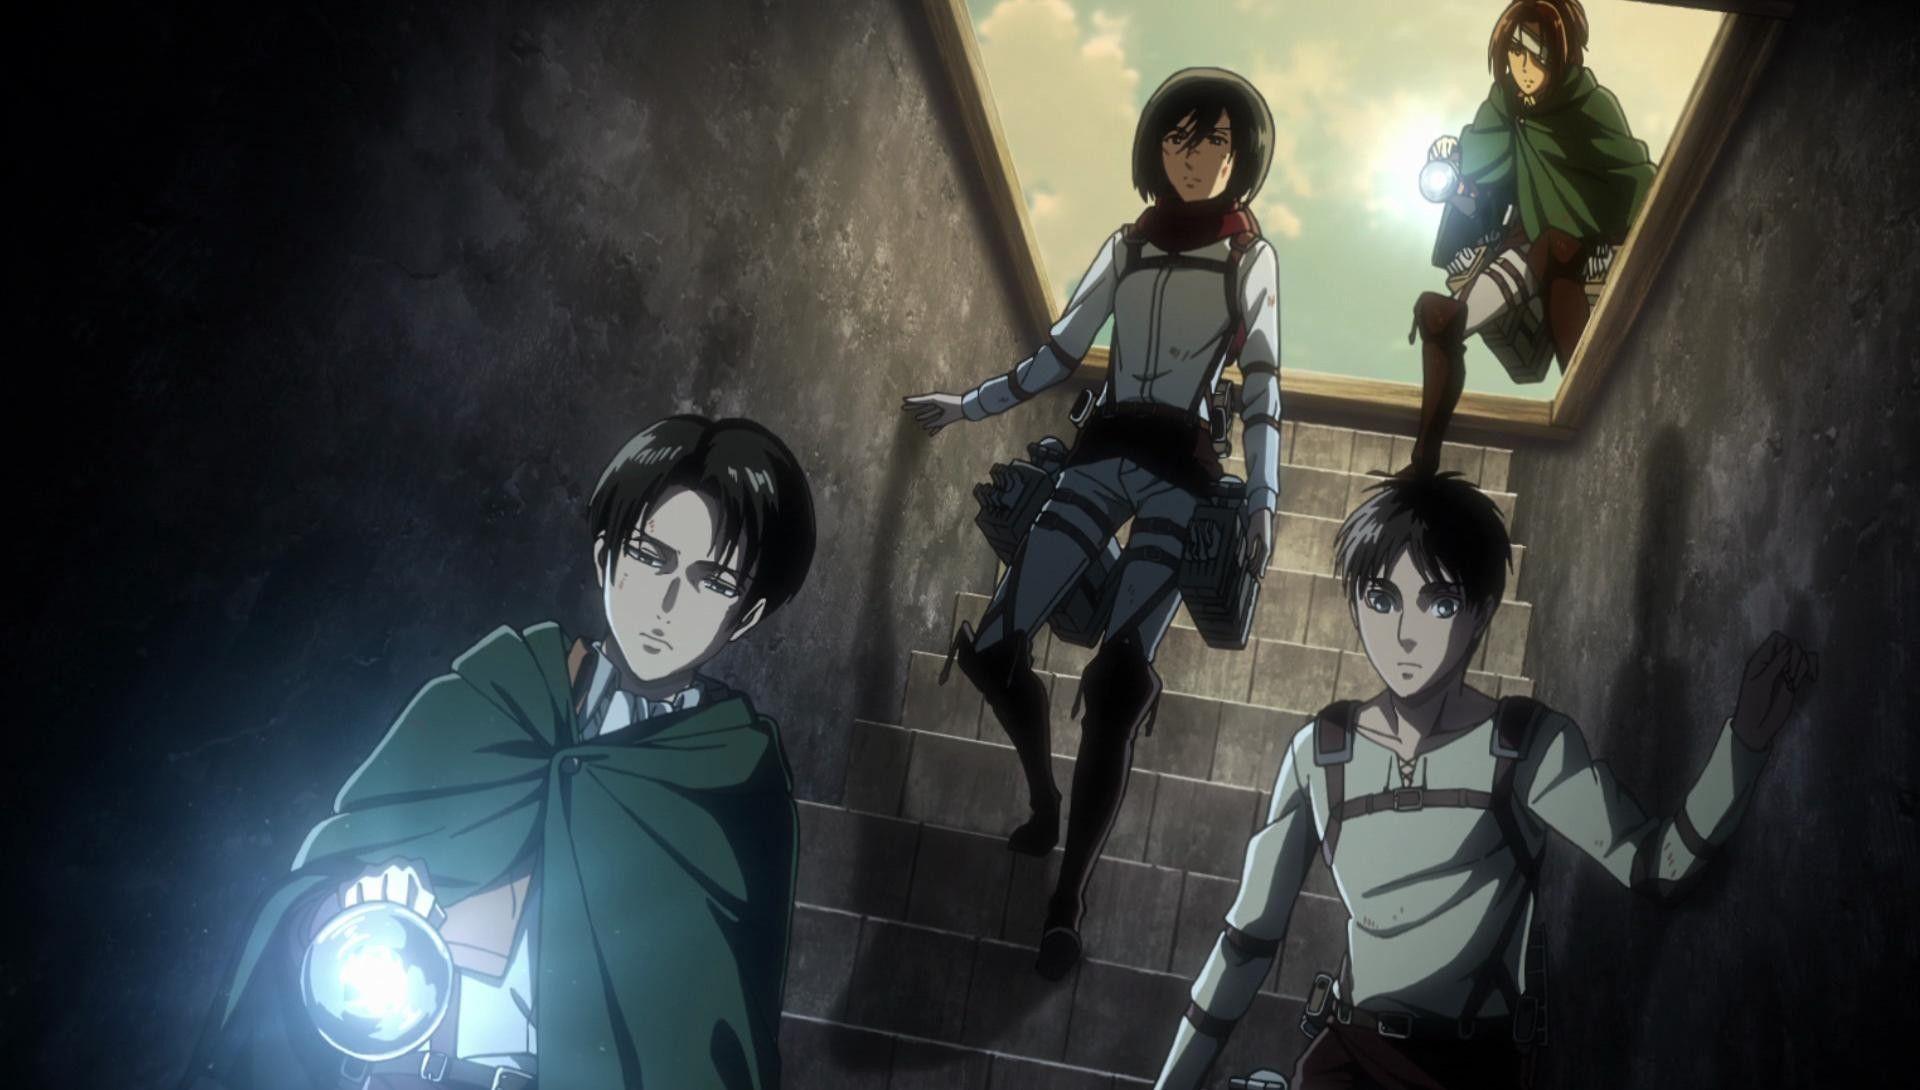 Épinglé par Nora Benamor sur Anime Titans, Attaque des